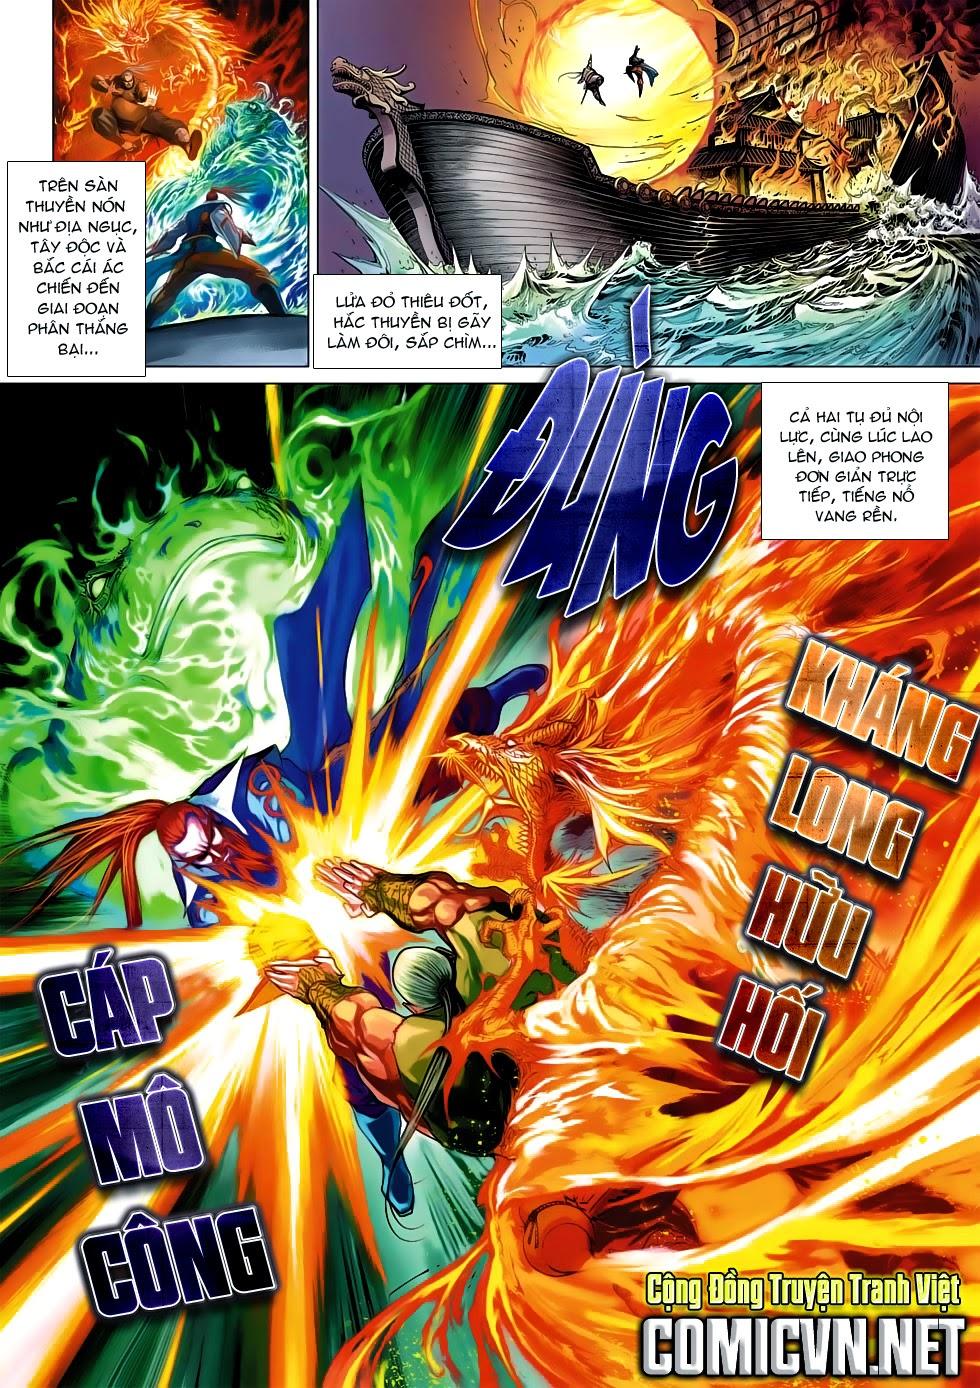 Anh Hùng Xạ Điêu anh hùng xạ đêu chap 53: lâm nguy thụ mệnh đả cẩu học pháp trang 3